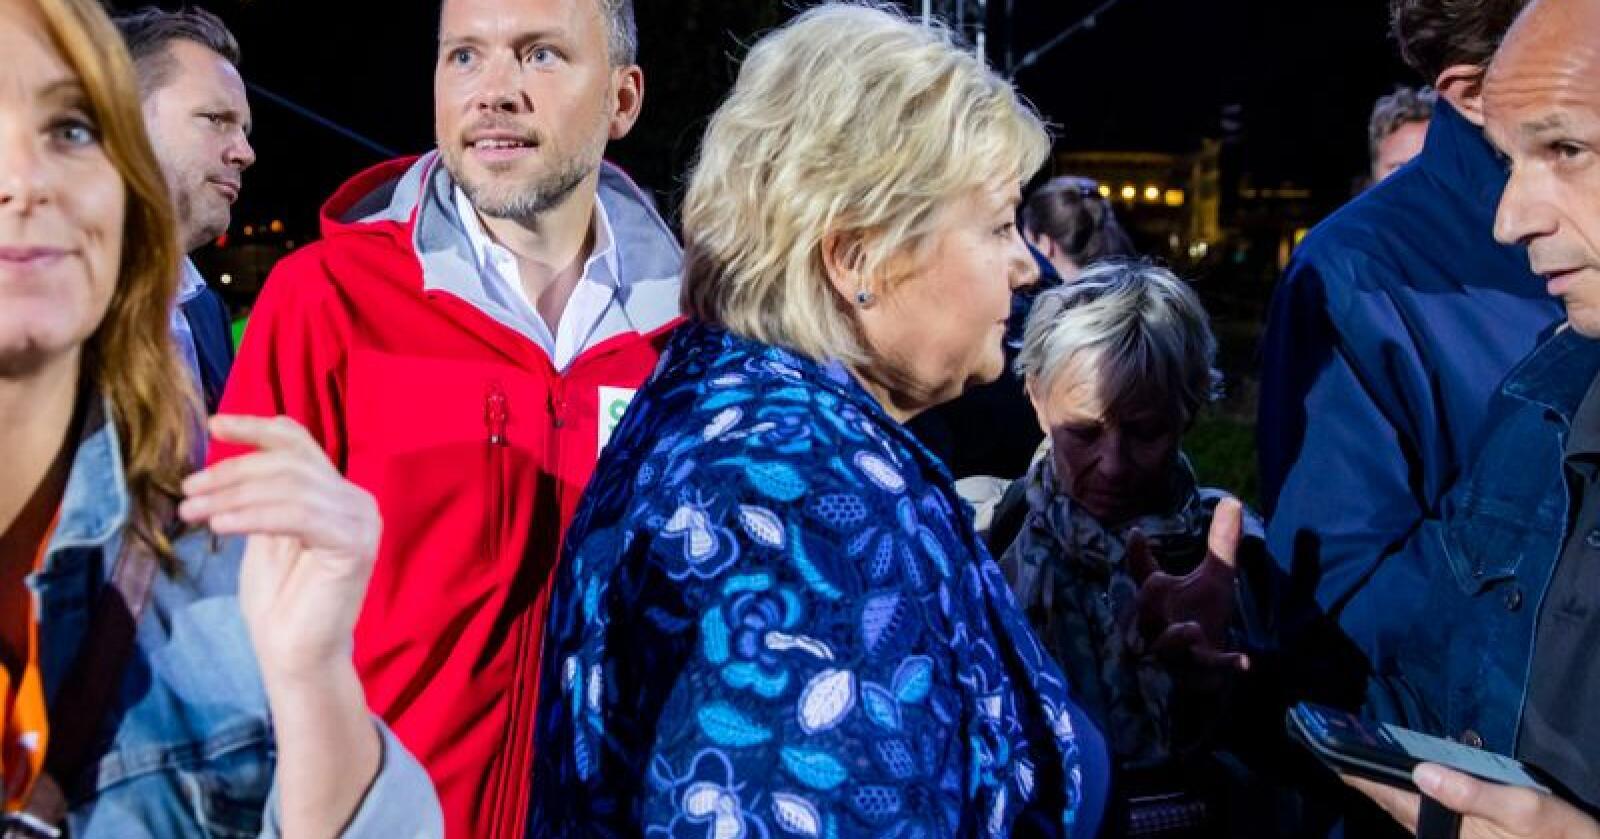 SV-leder Audun Lysbakken mener Norge er på feil kurs når formuene klumper seg sammen i Oslo og storbyene, og at statsminister Erna Solberg (H) bidrar til å forsterke trendene. Foto: Håkon Mosvold Larsen / NTB scanpix